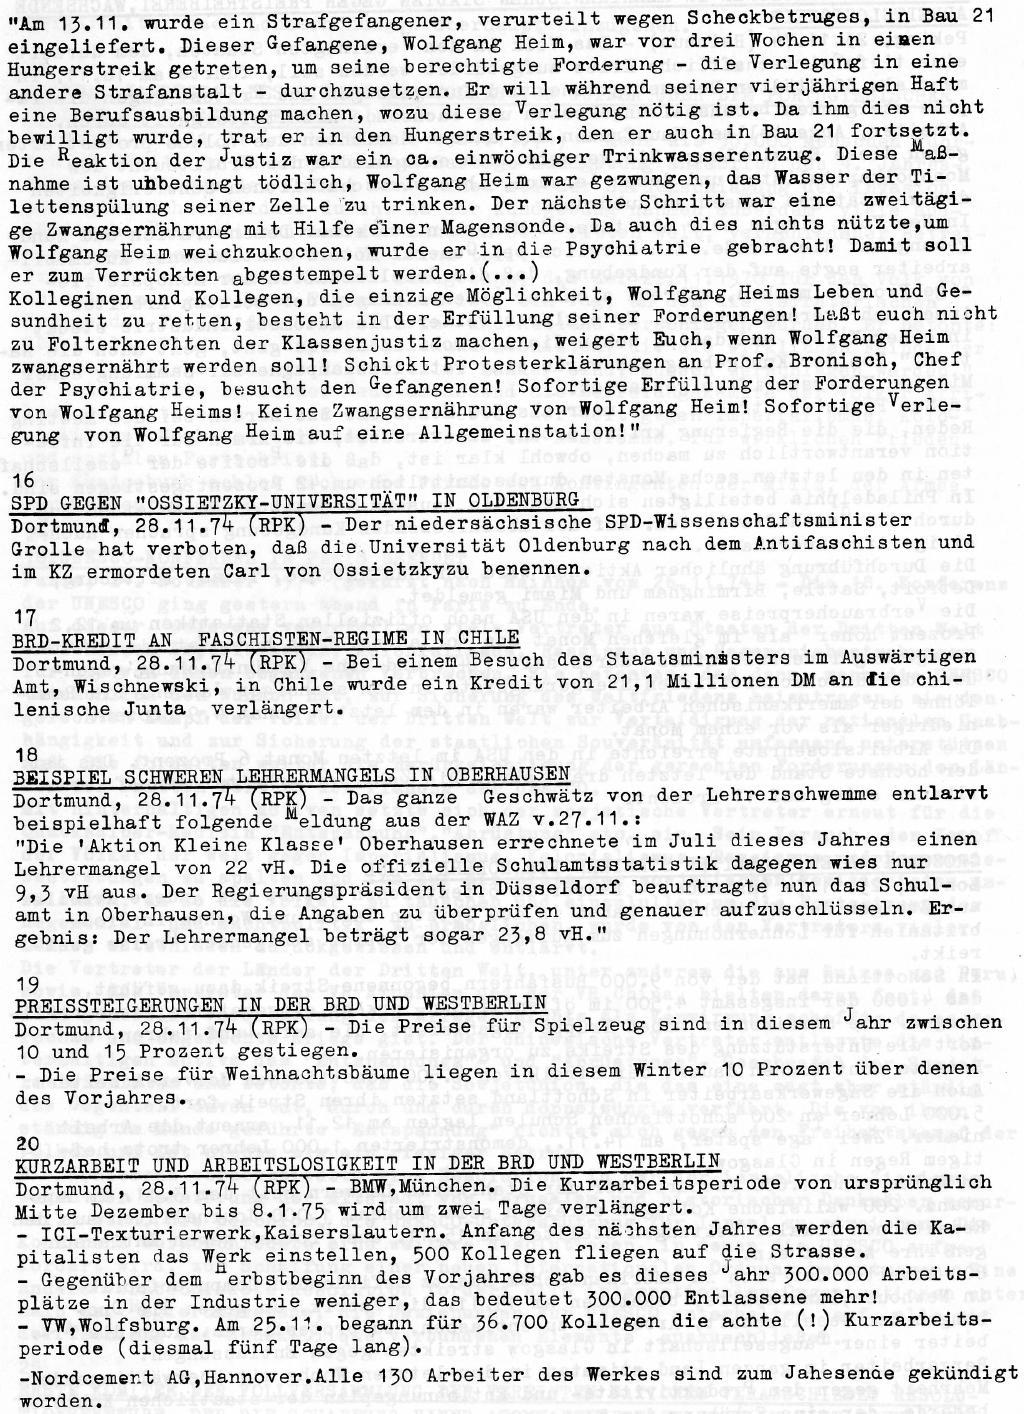 RPK_Pressedienst_1974_04_04